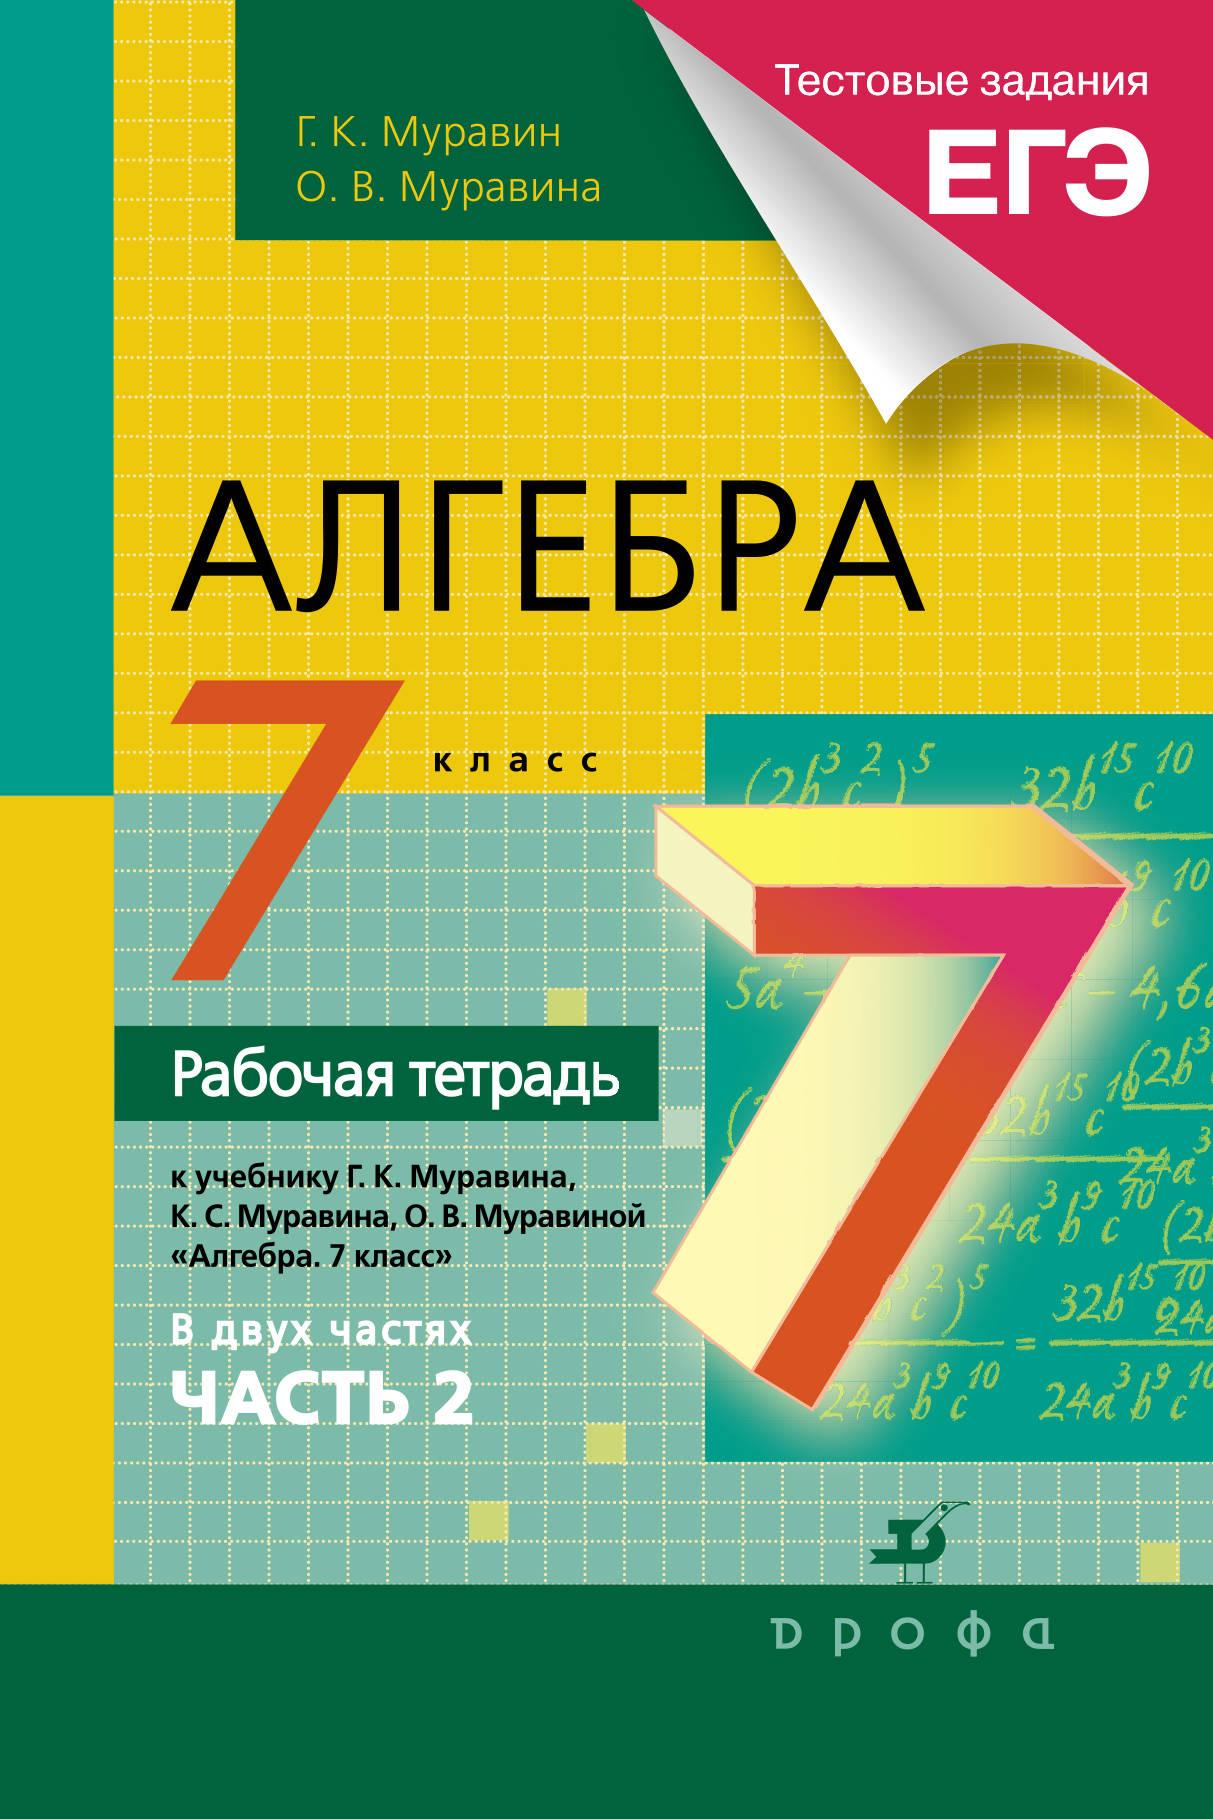 Алгебра. 7 класс. Рабочая тетрадь (с тестовыми заданиями ЕГЭ). Часть 2